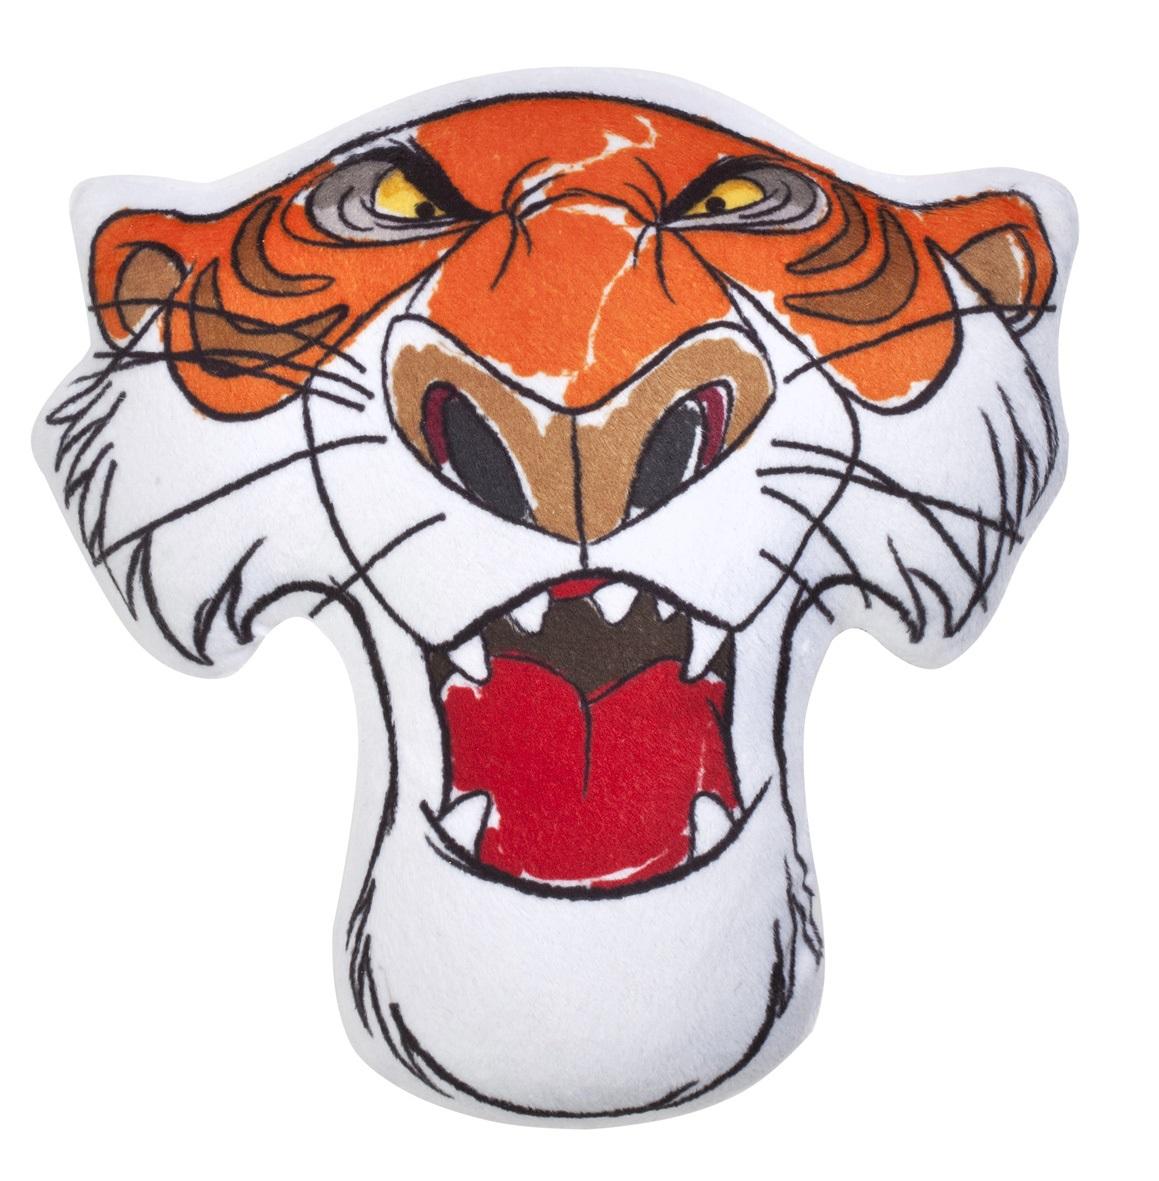 Мягкая игрушка-подушка The Jungle Book. Shere Khan (20 см)Представляем вашему вниманию мягкую игрушку-подушку The Jungle Book. Shere Khan, созданную по мотивам фильма «Книга джунглей».<br>